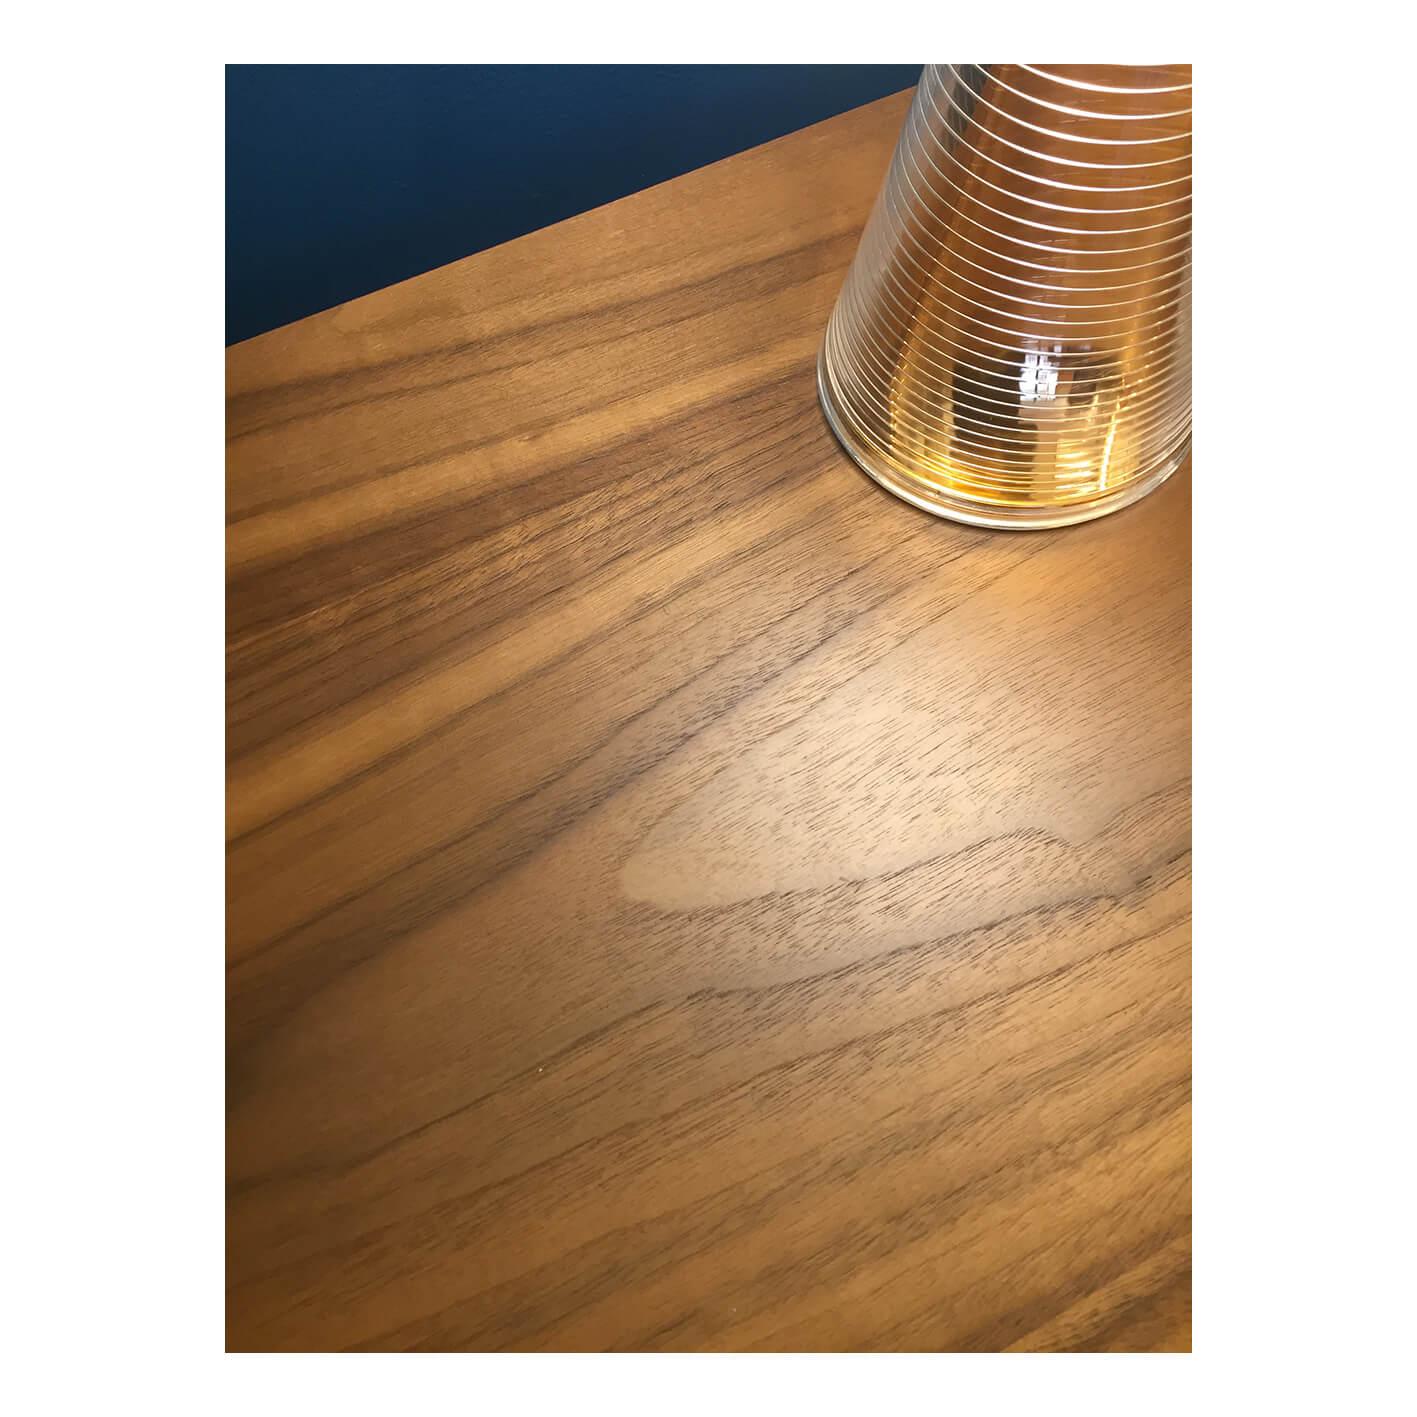 MOBLES114 NVT 04.11.19 2